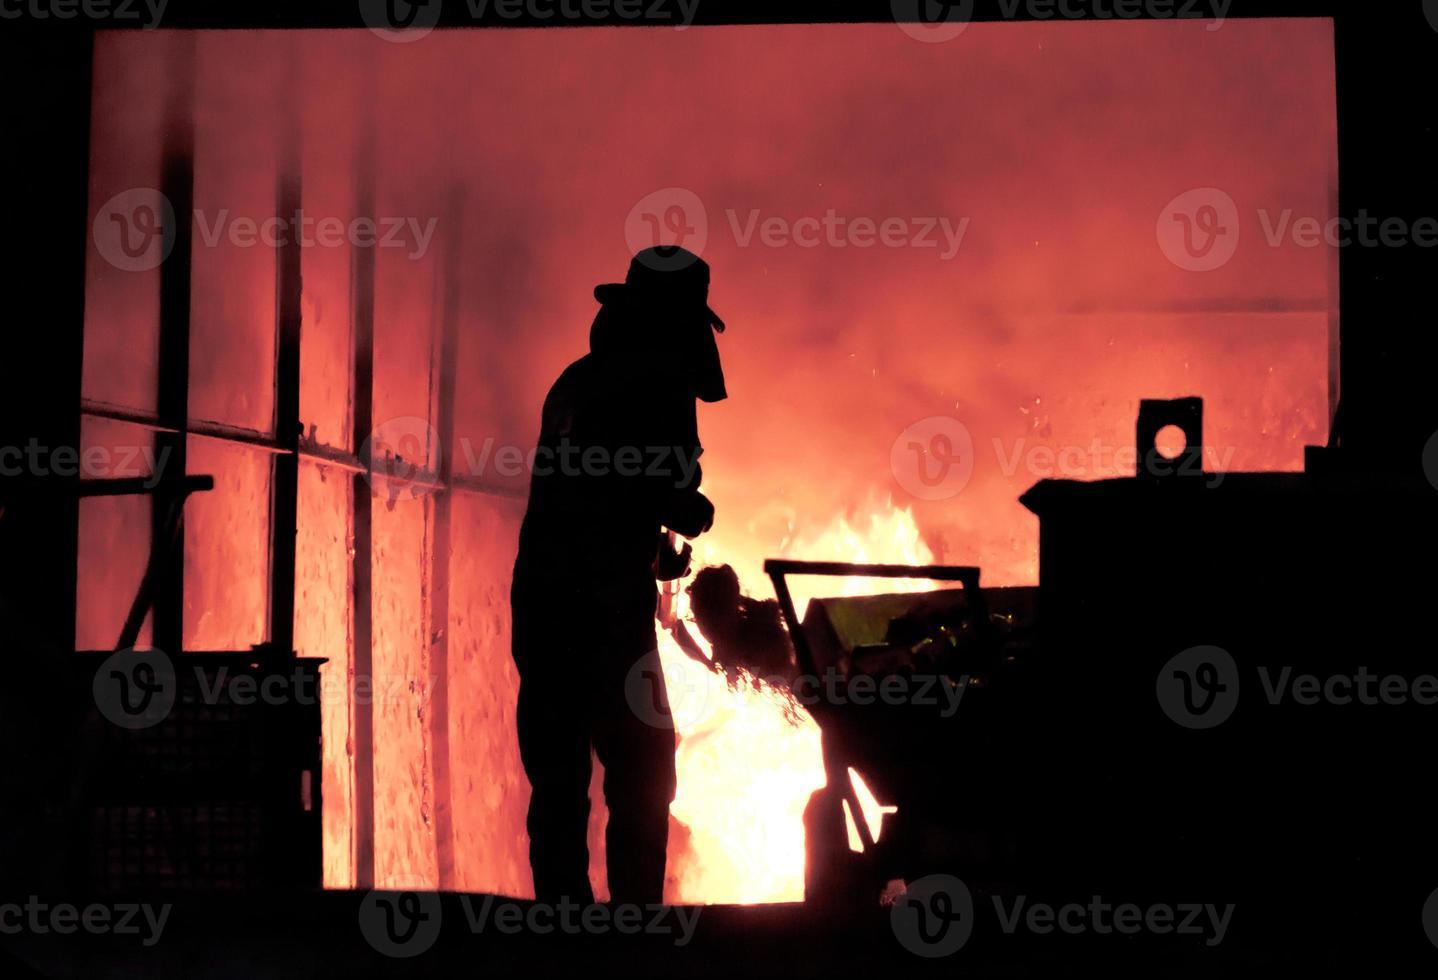 homme travaillant dans les éclaboussures de fer fondu - images de stock libres de droits photo